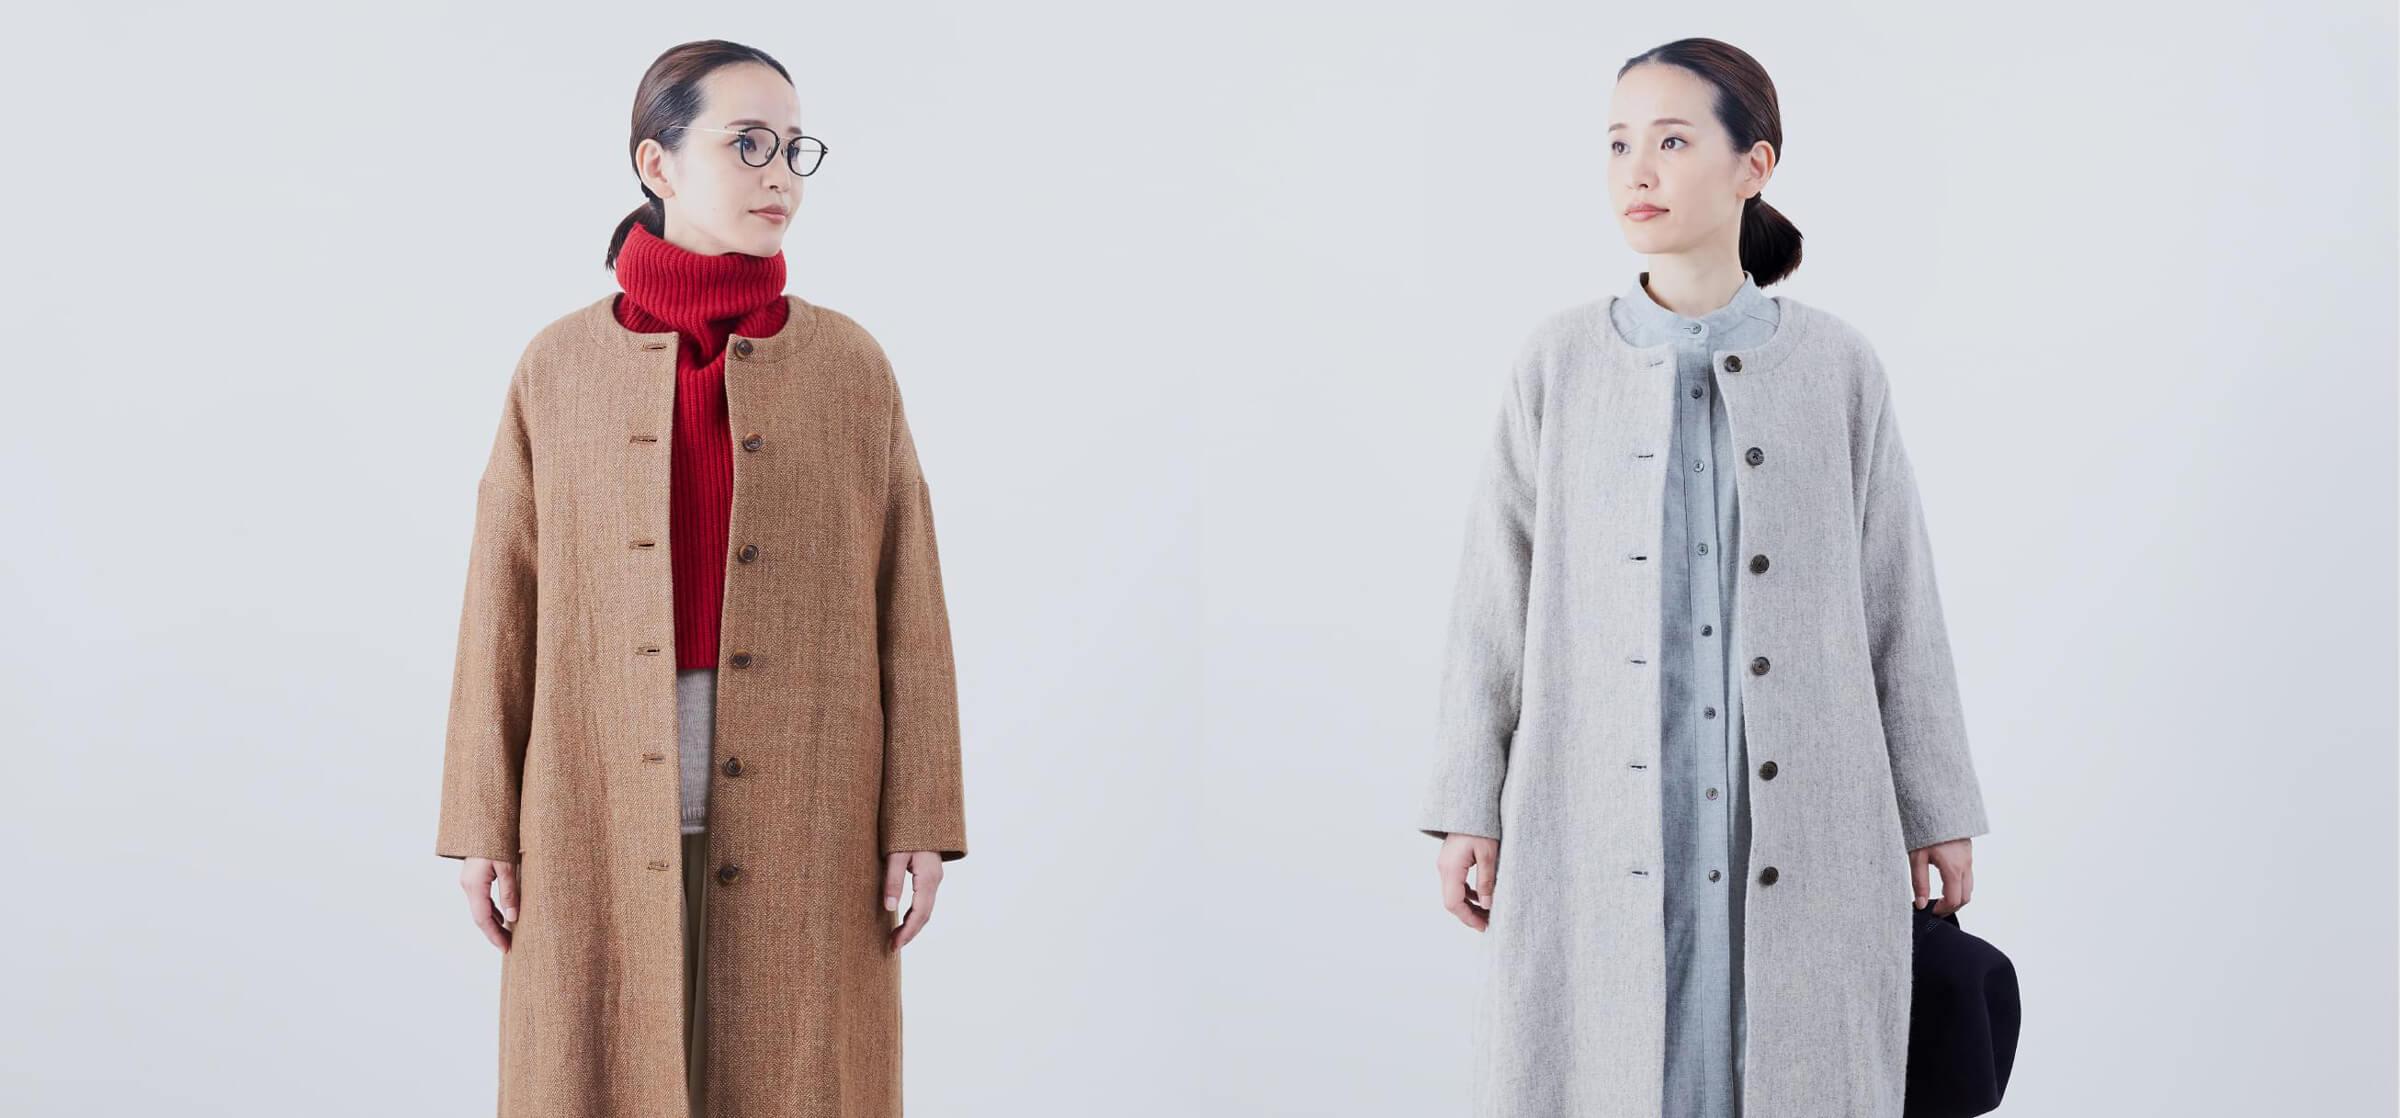 noflの冬コート